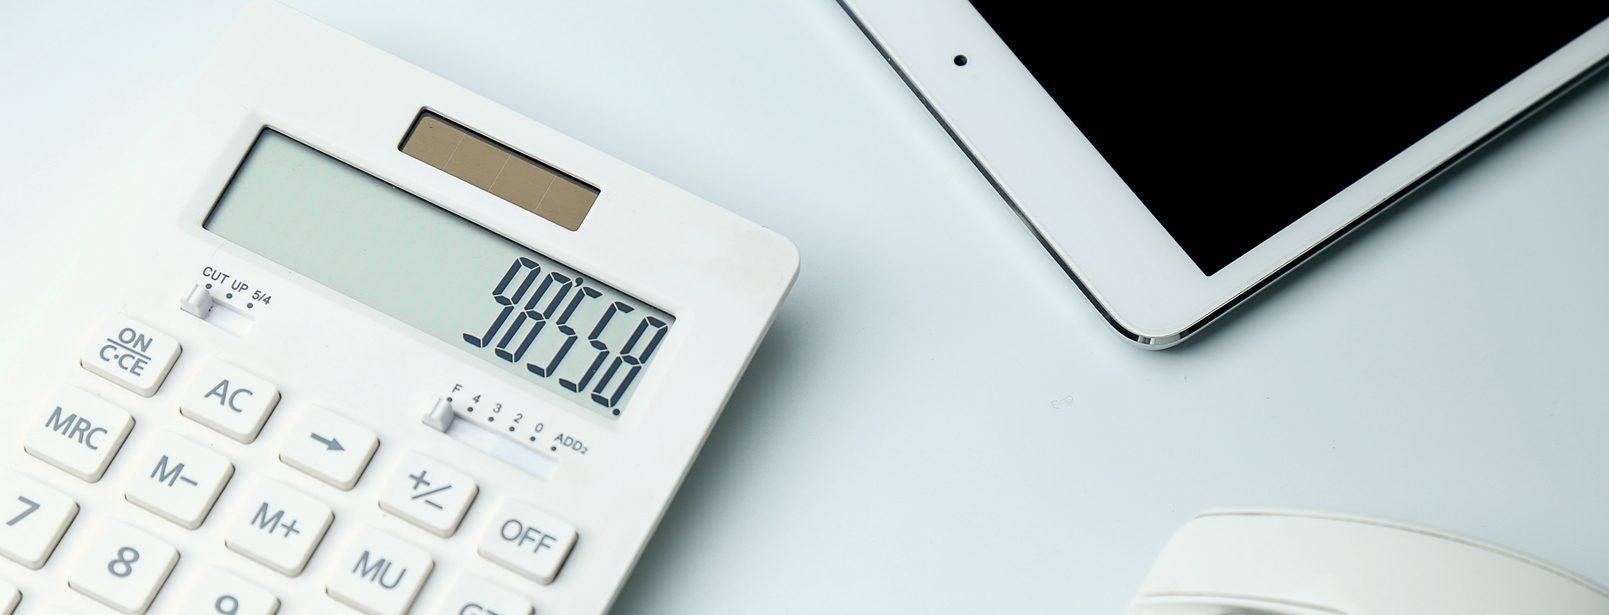 r&d-tax-credits-calculator